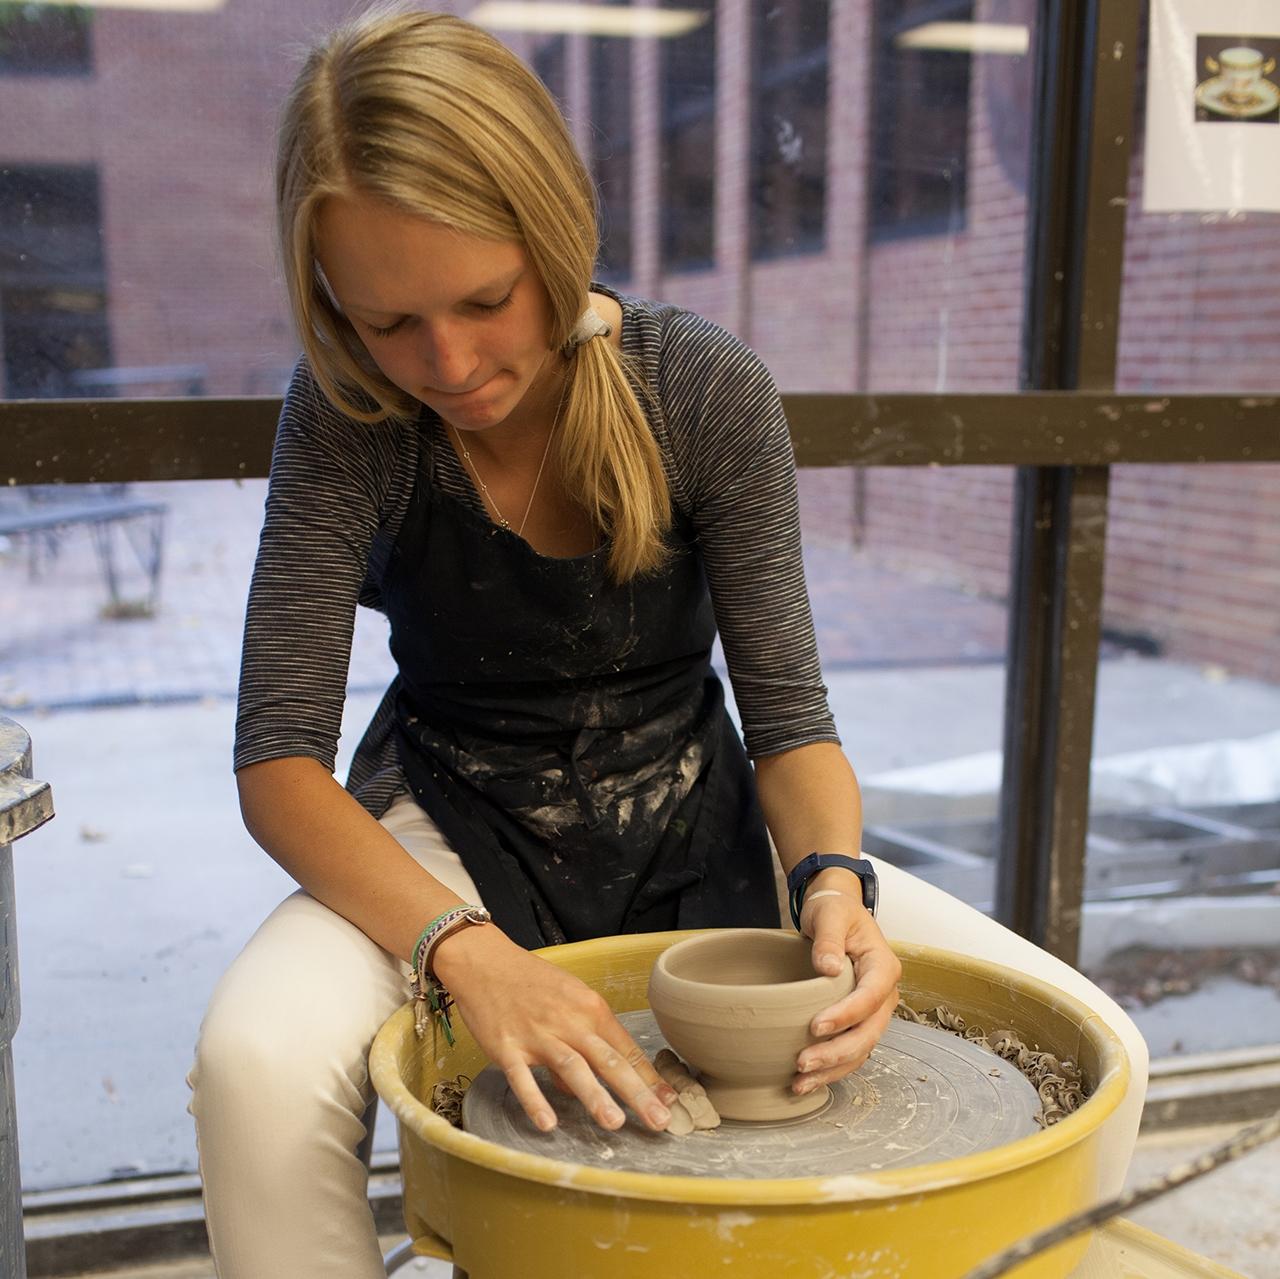 Kent Denver School Center For The Arts: Ceramics, Metals And Sculpture